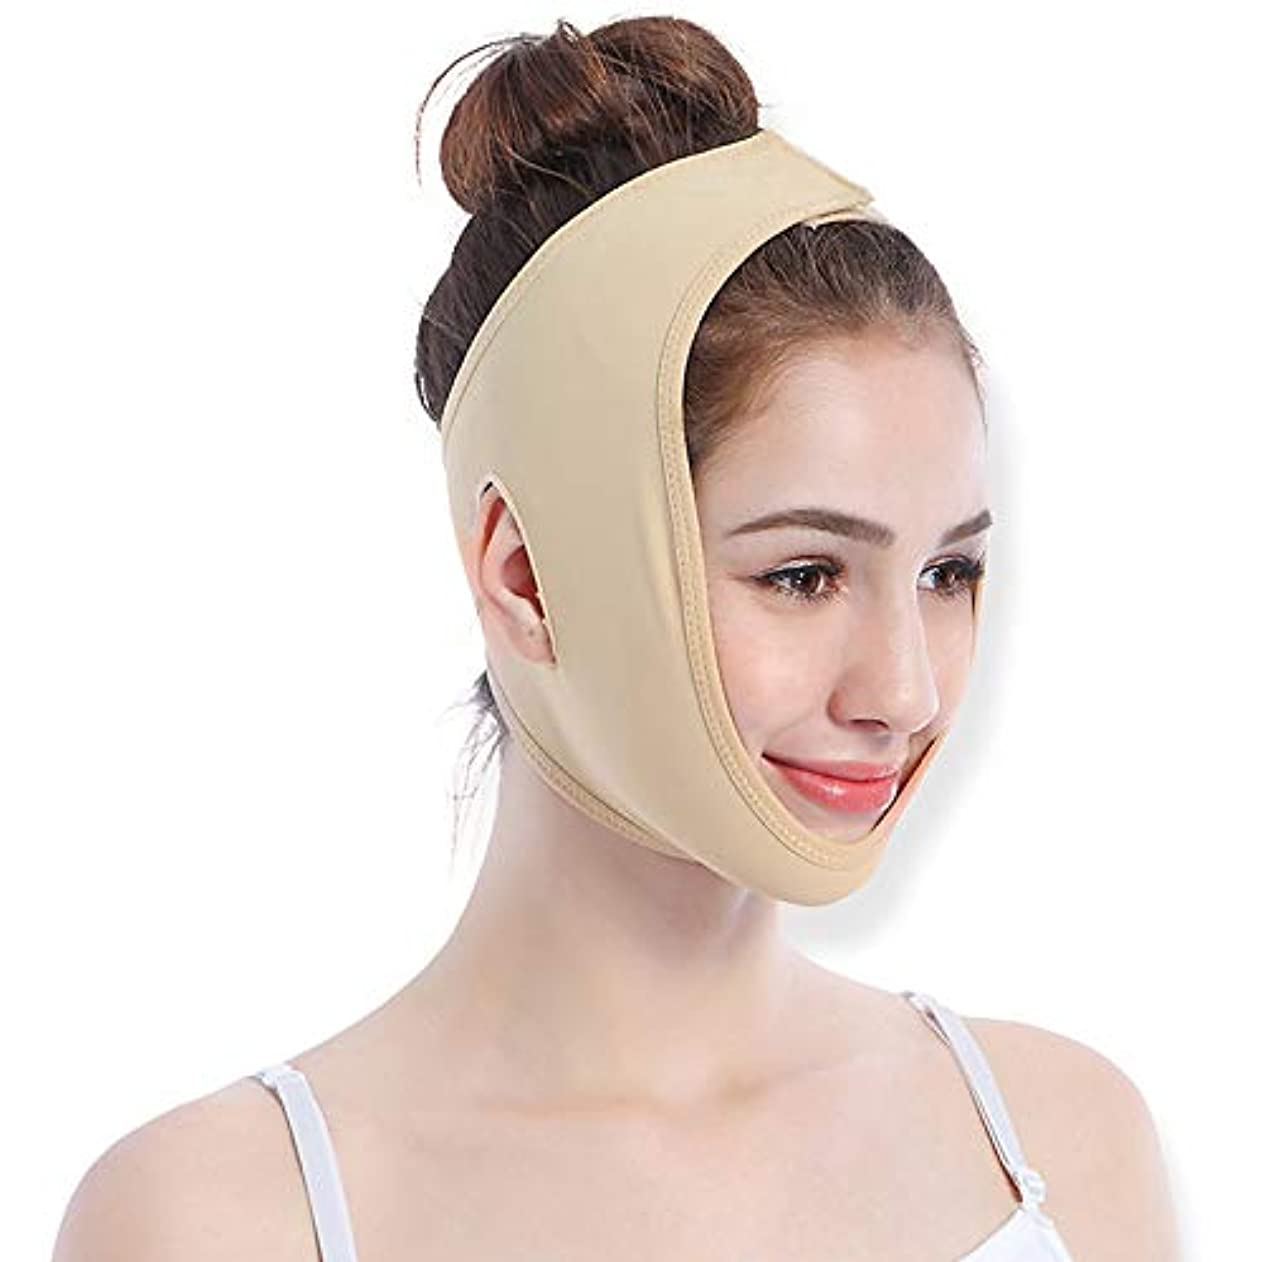 アンタゴニストクラックポット忌まわしい顔の重量損失通気性顔マスク睡眠 V 顔マスク顔リフティング包帯リフティング引き締めフェイスリフティングユニセックス,S